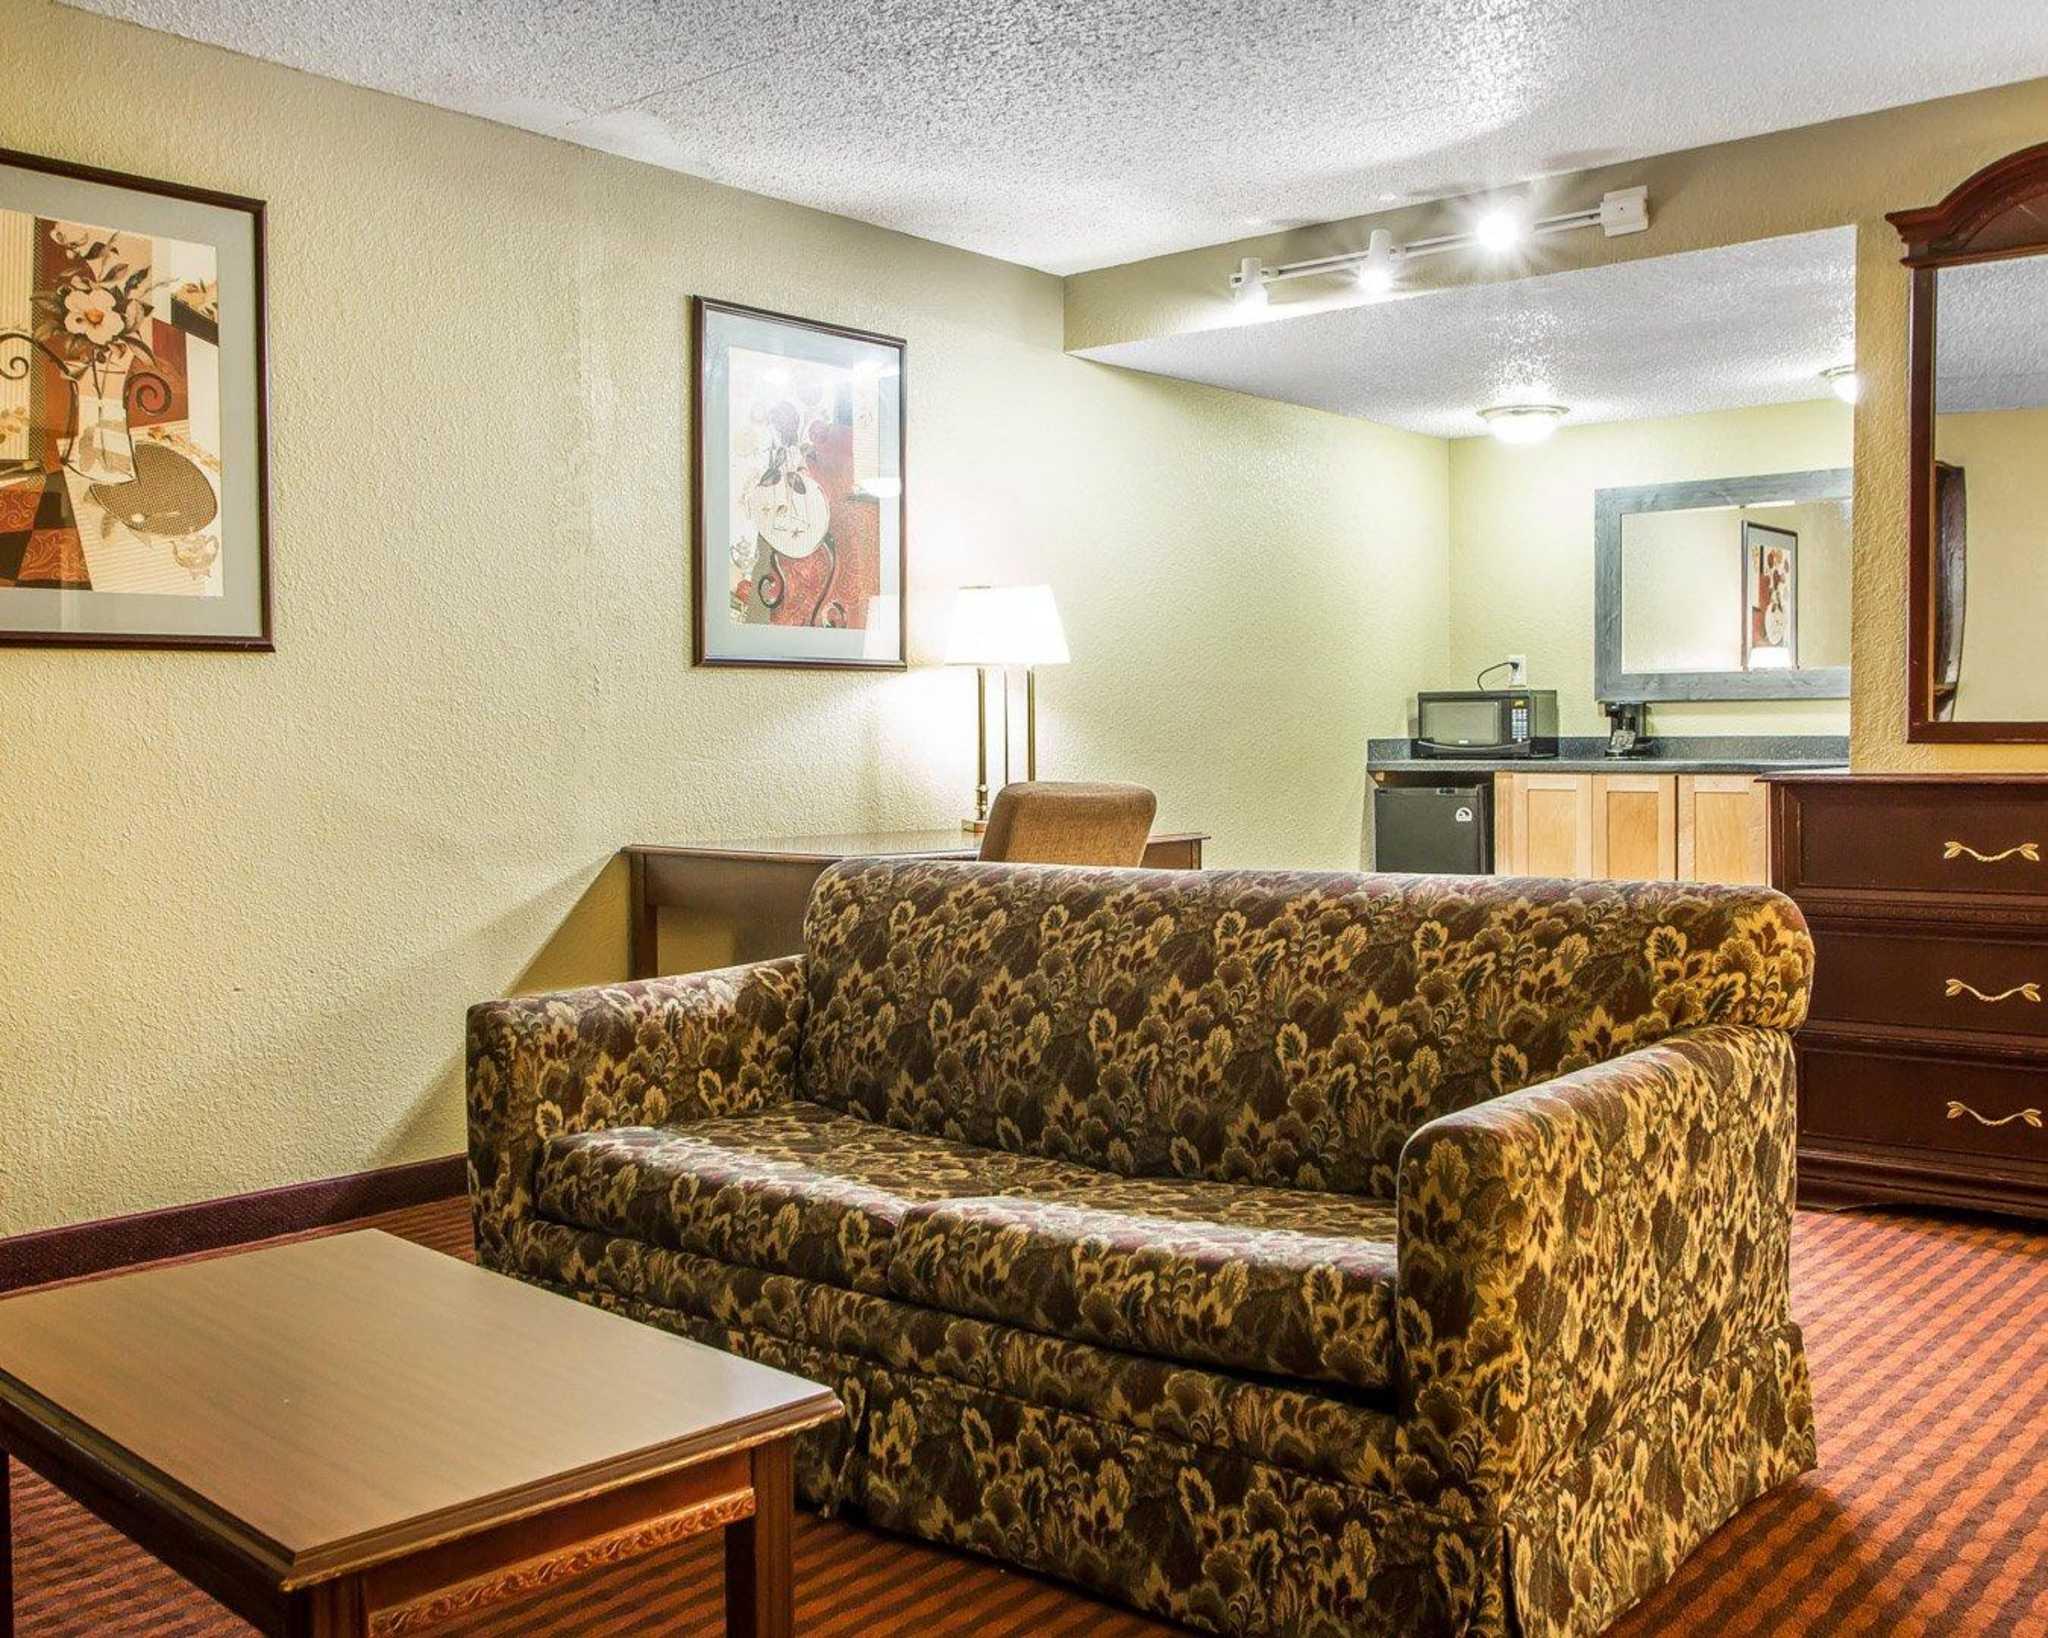 Clarion Hotel Highlander Conference Center image 28